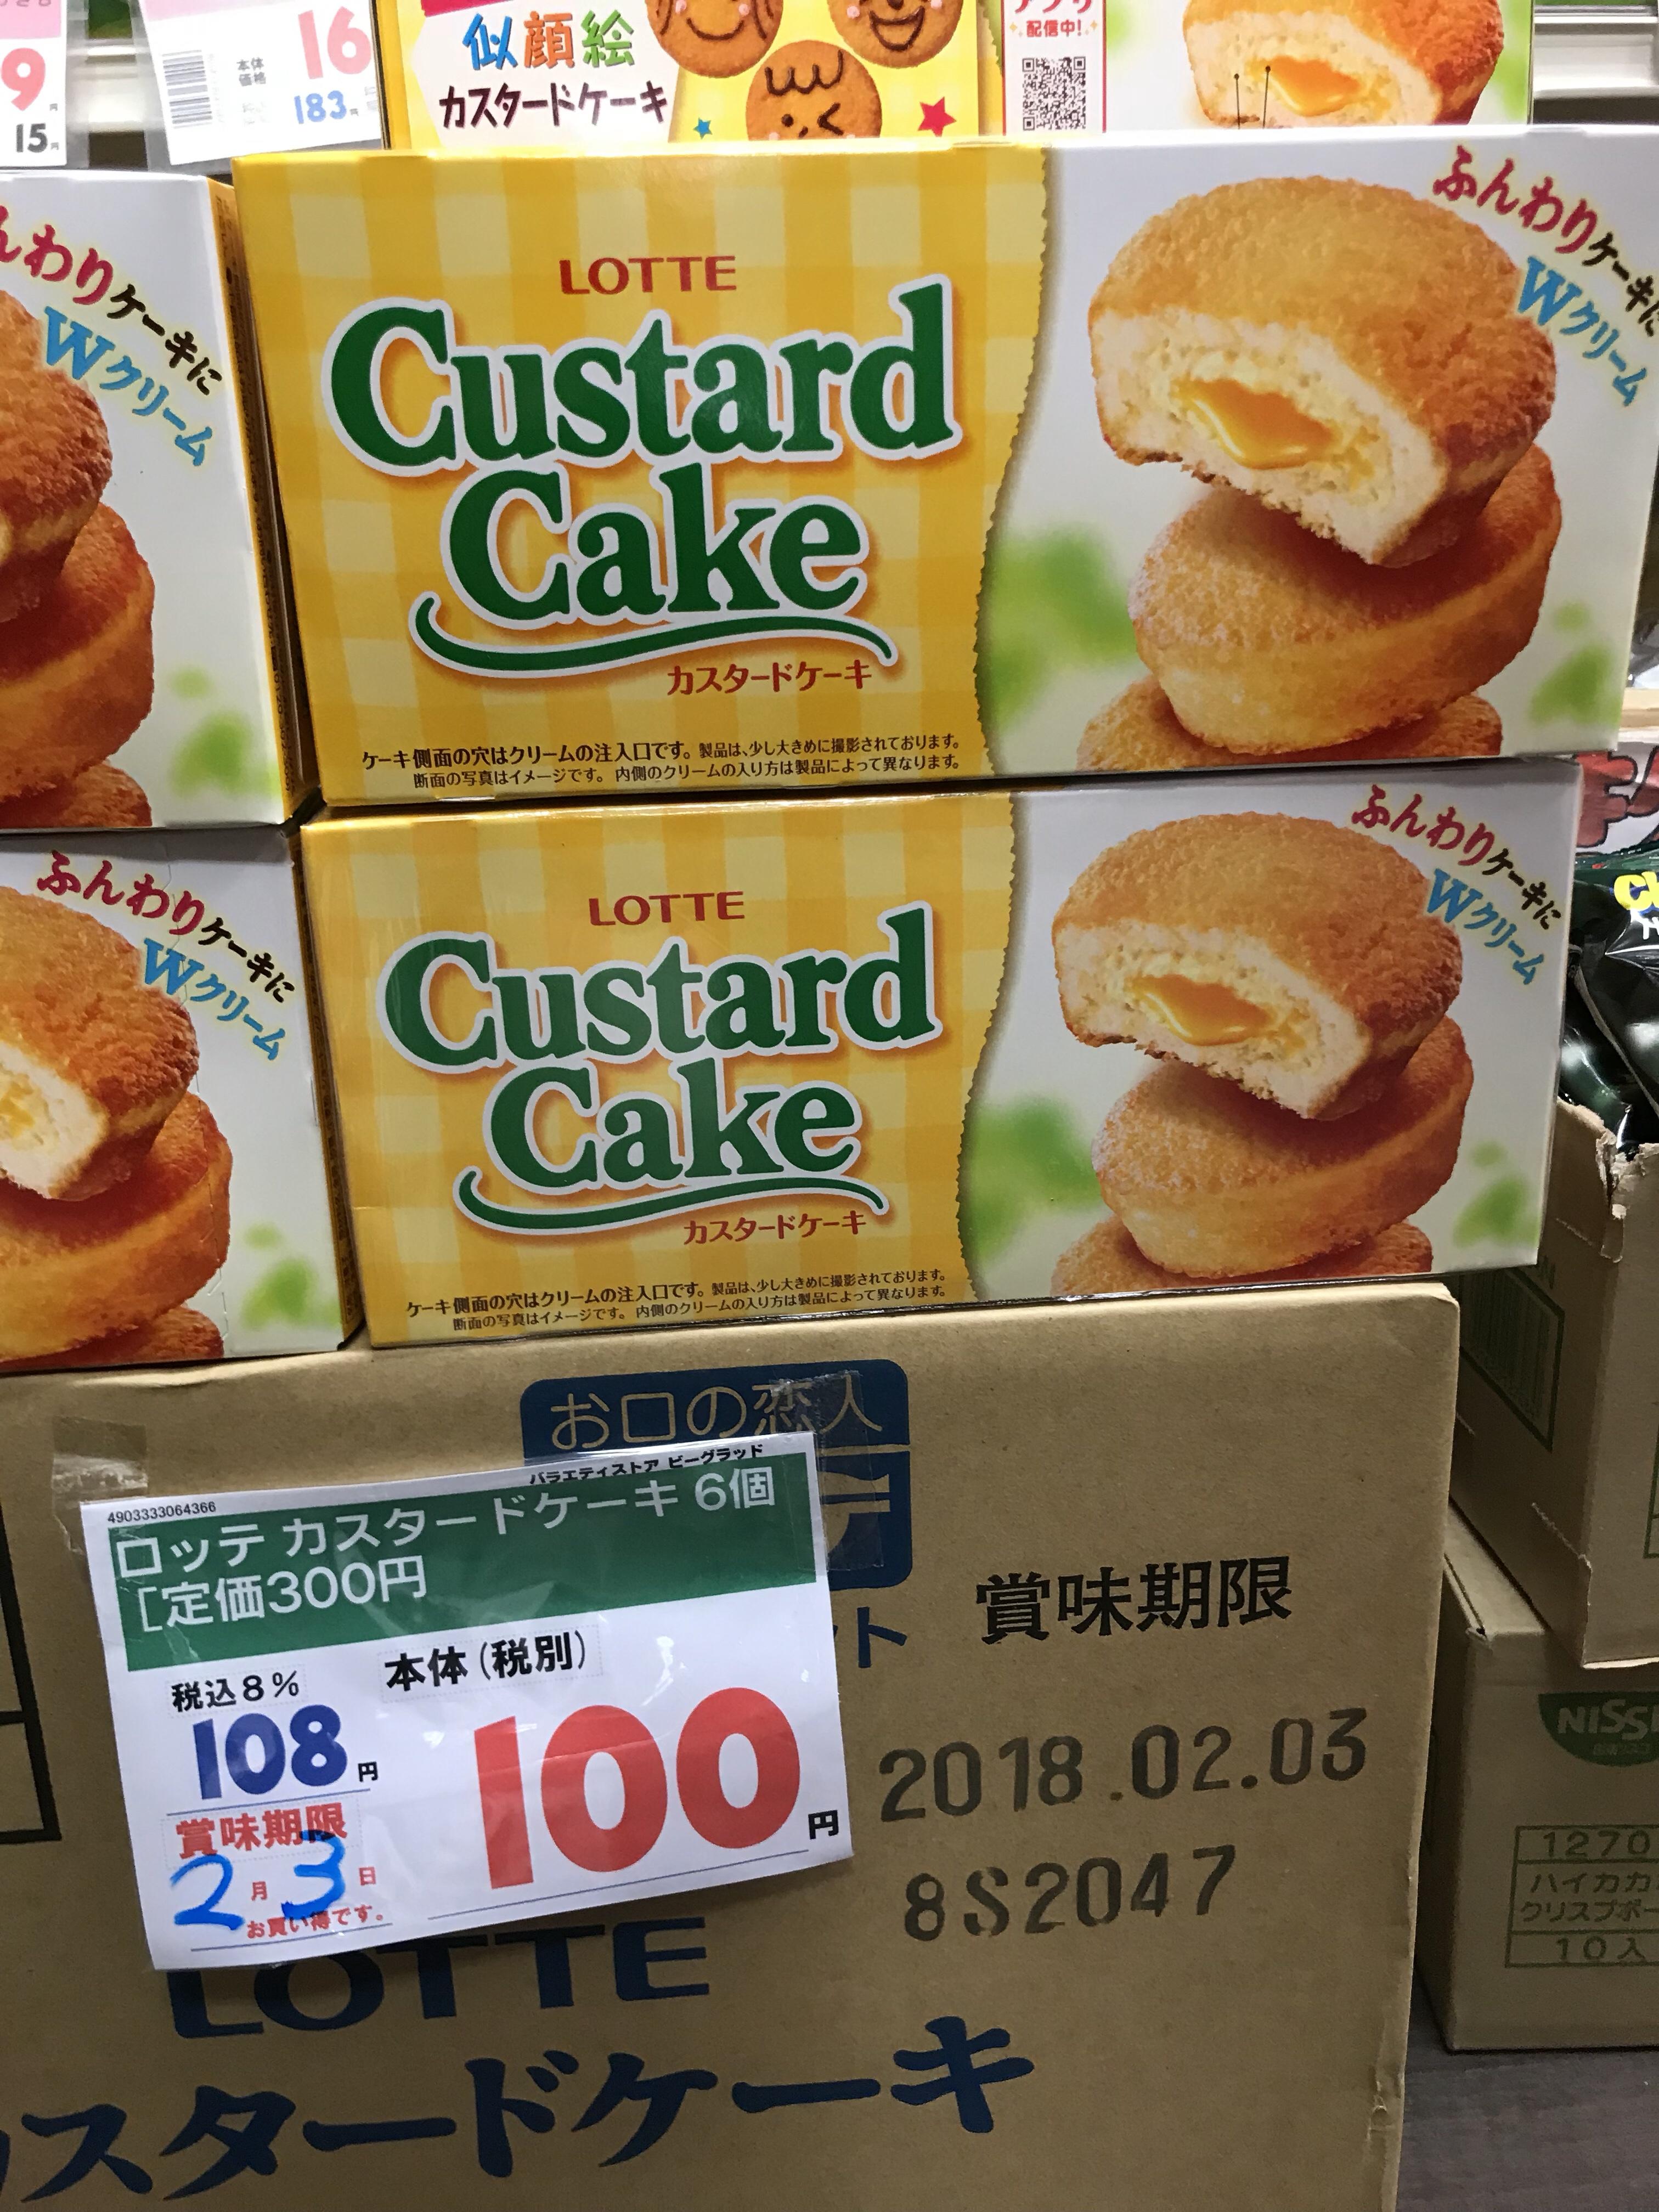 期限 カスタード クリーム 賞味